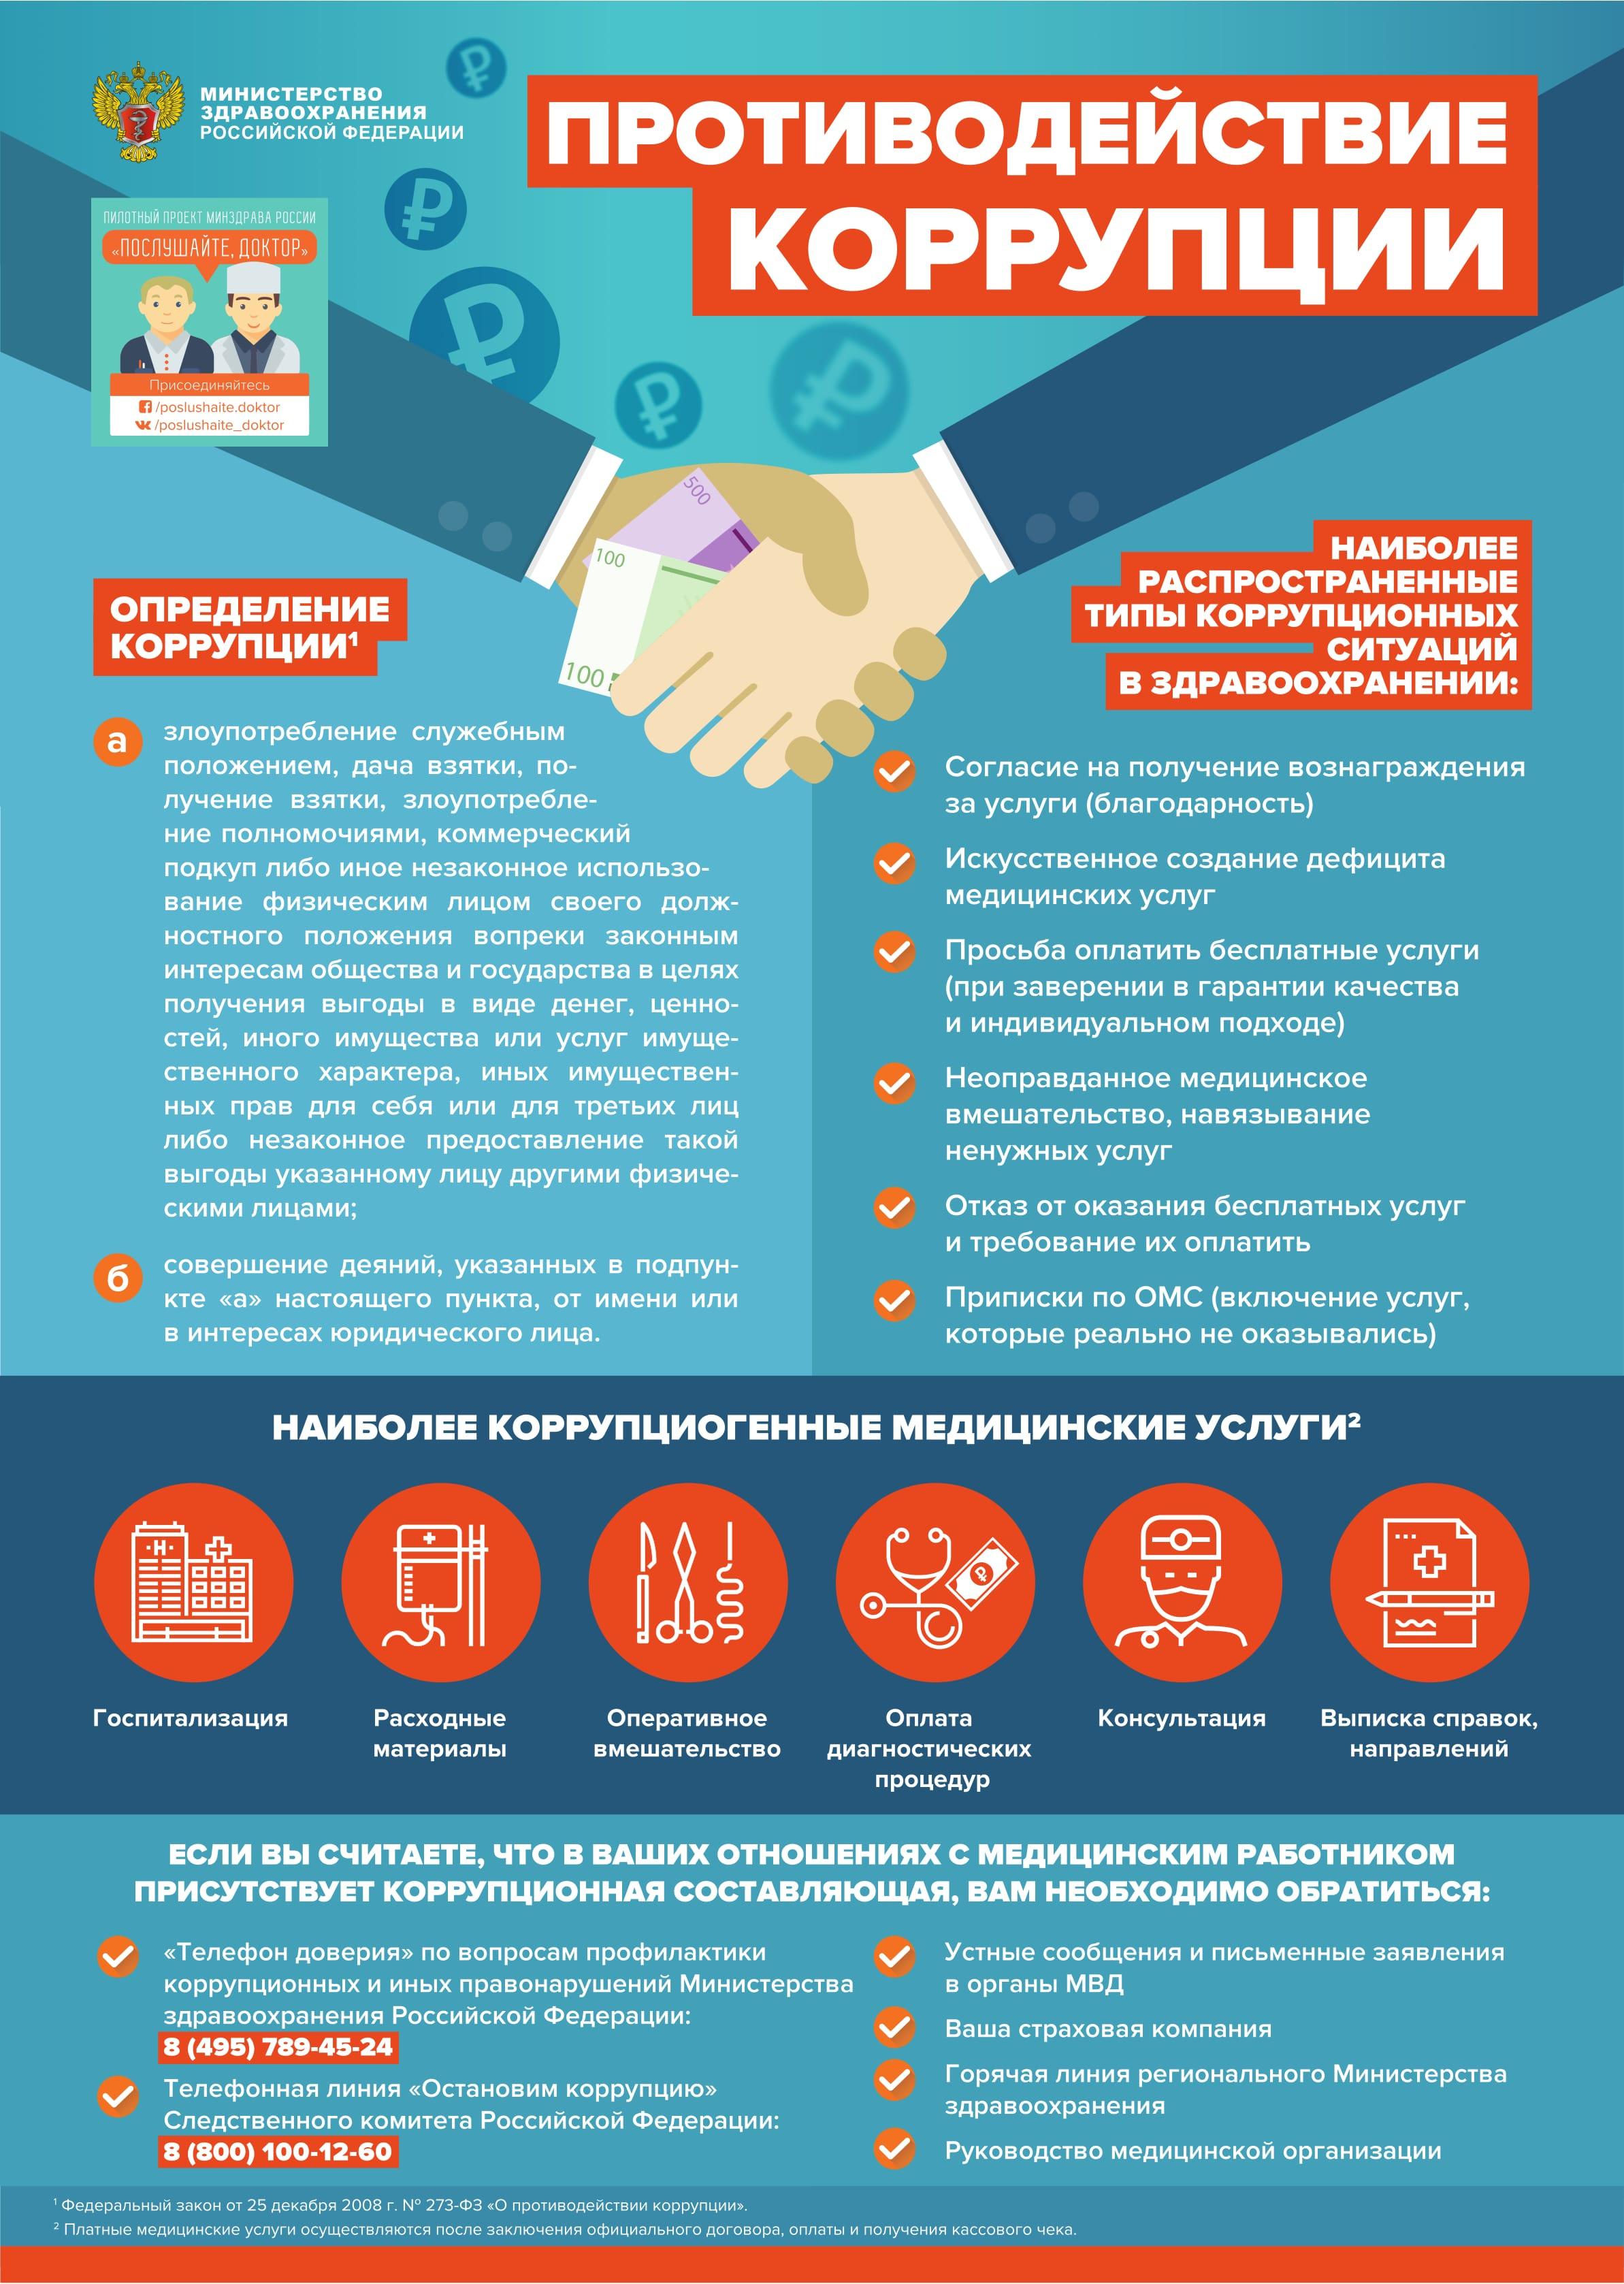 Плакат Противодейстиве коррупции